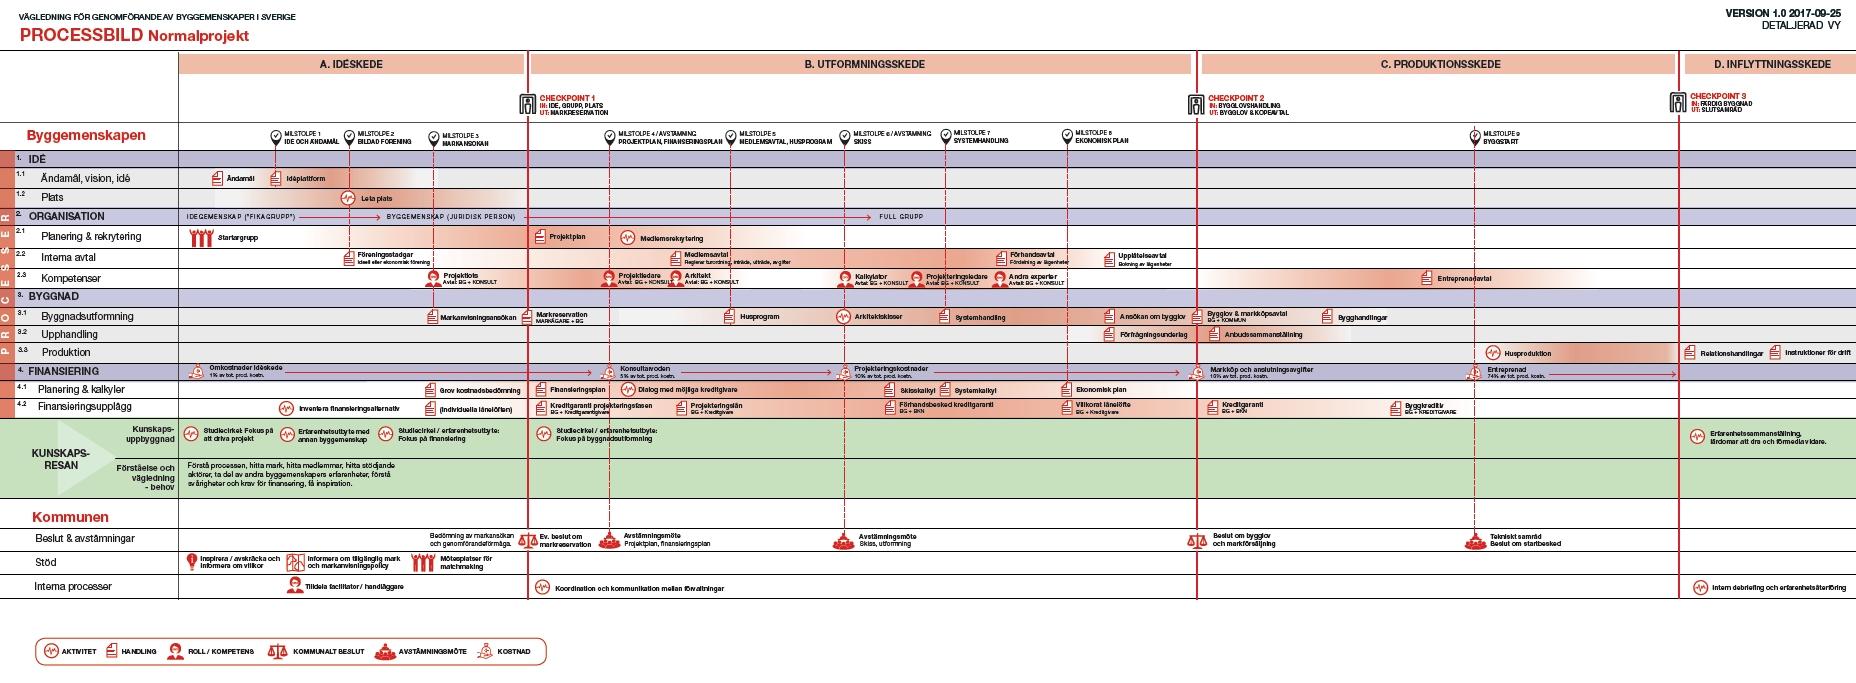 Processbild byggemenskaper, klicka för PDF!